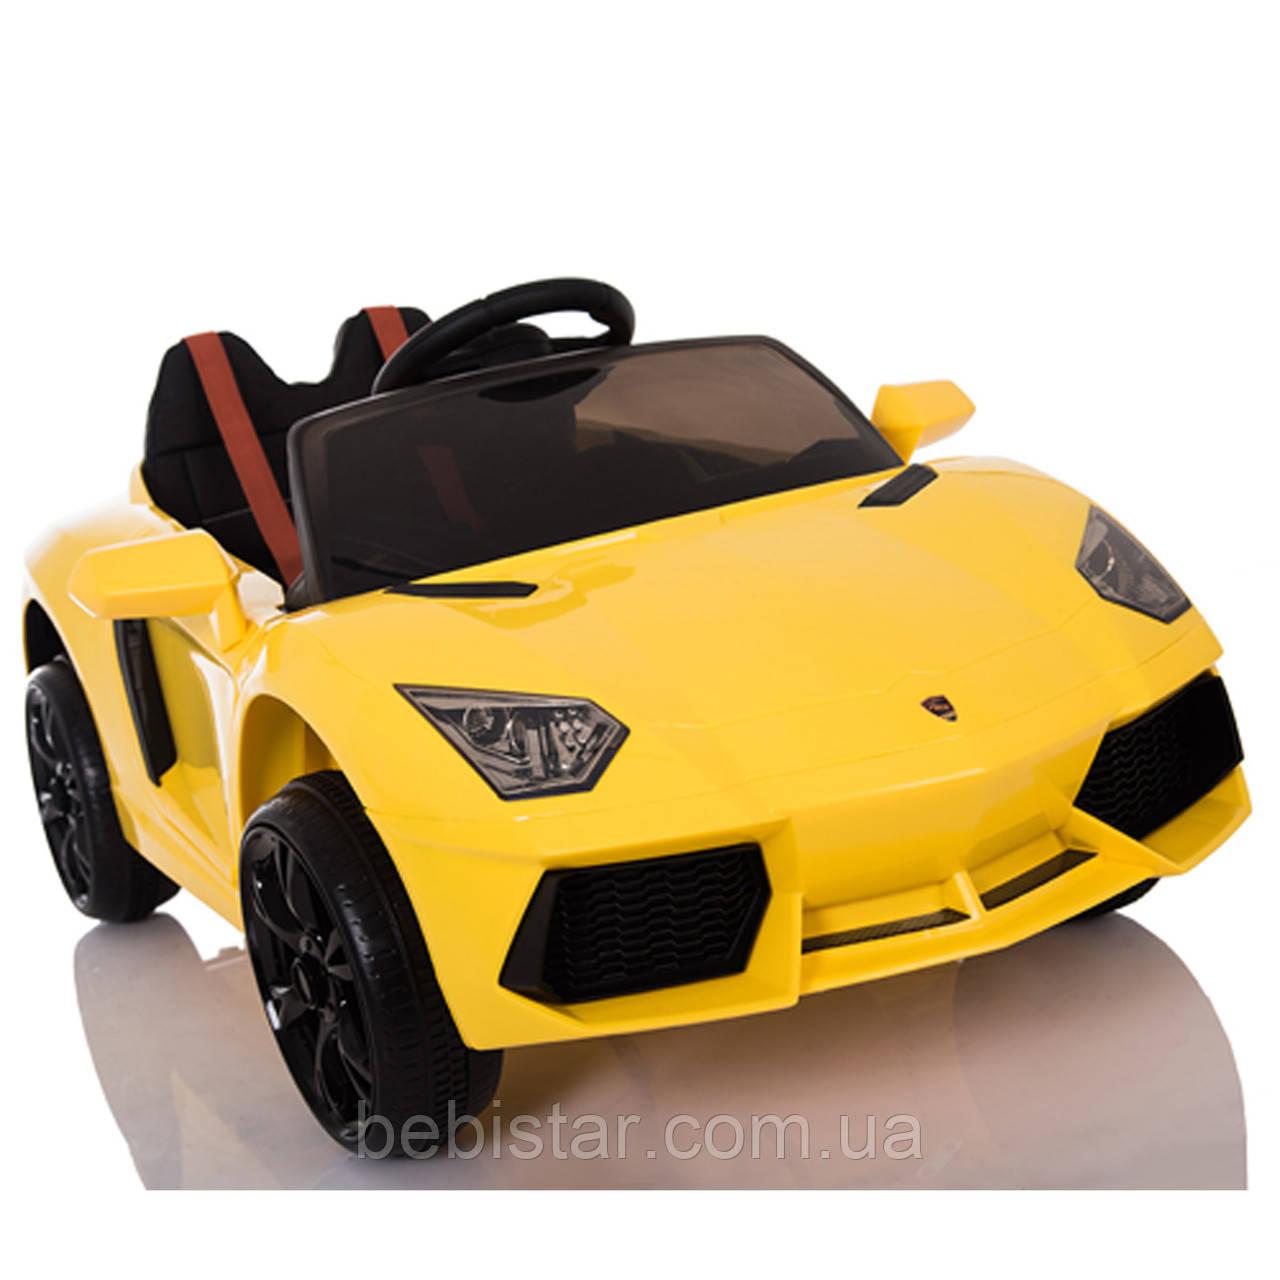 Электромобиль желтый T-7630 YELLOW  для деток 3-8 лет с пультом мотор 2*20W с MP3